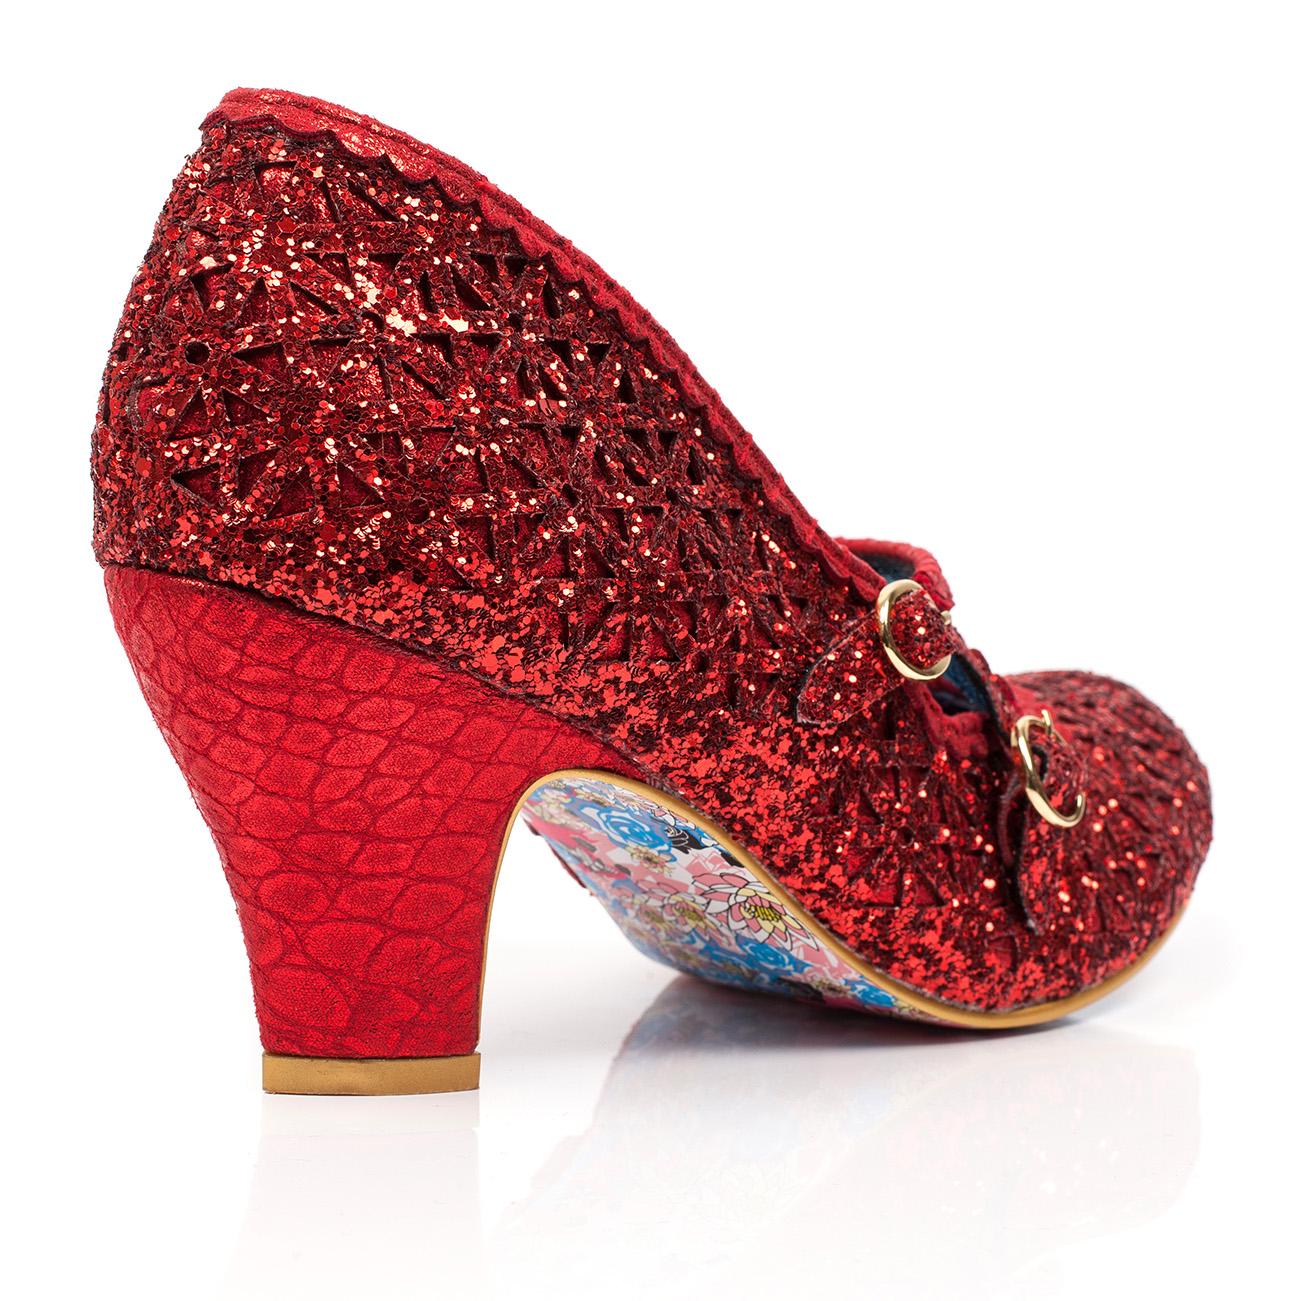 Damenschuhe Irregular Choice Schuhe Dazzle Dance Buckle Glitter Velvet Court Schuhe Choice US 5.5-11 26876d